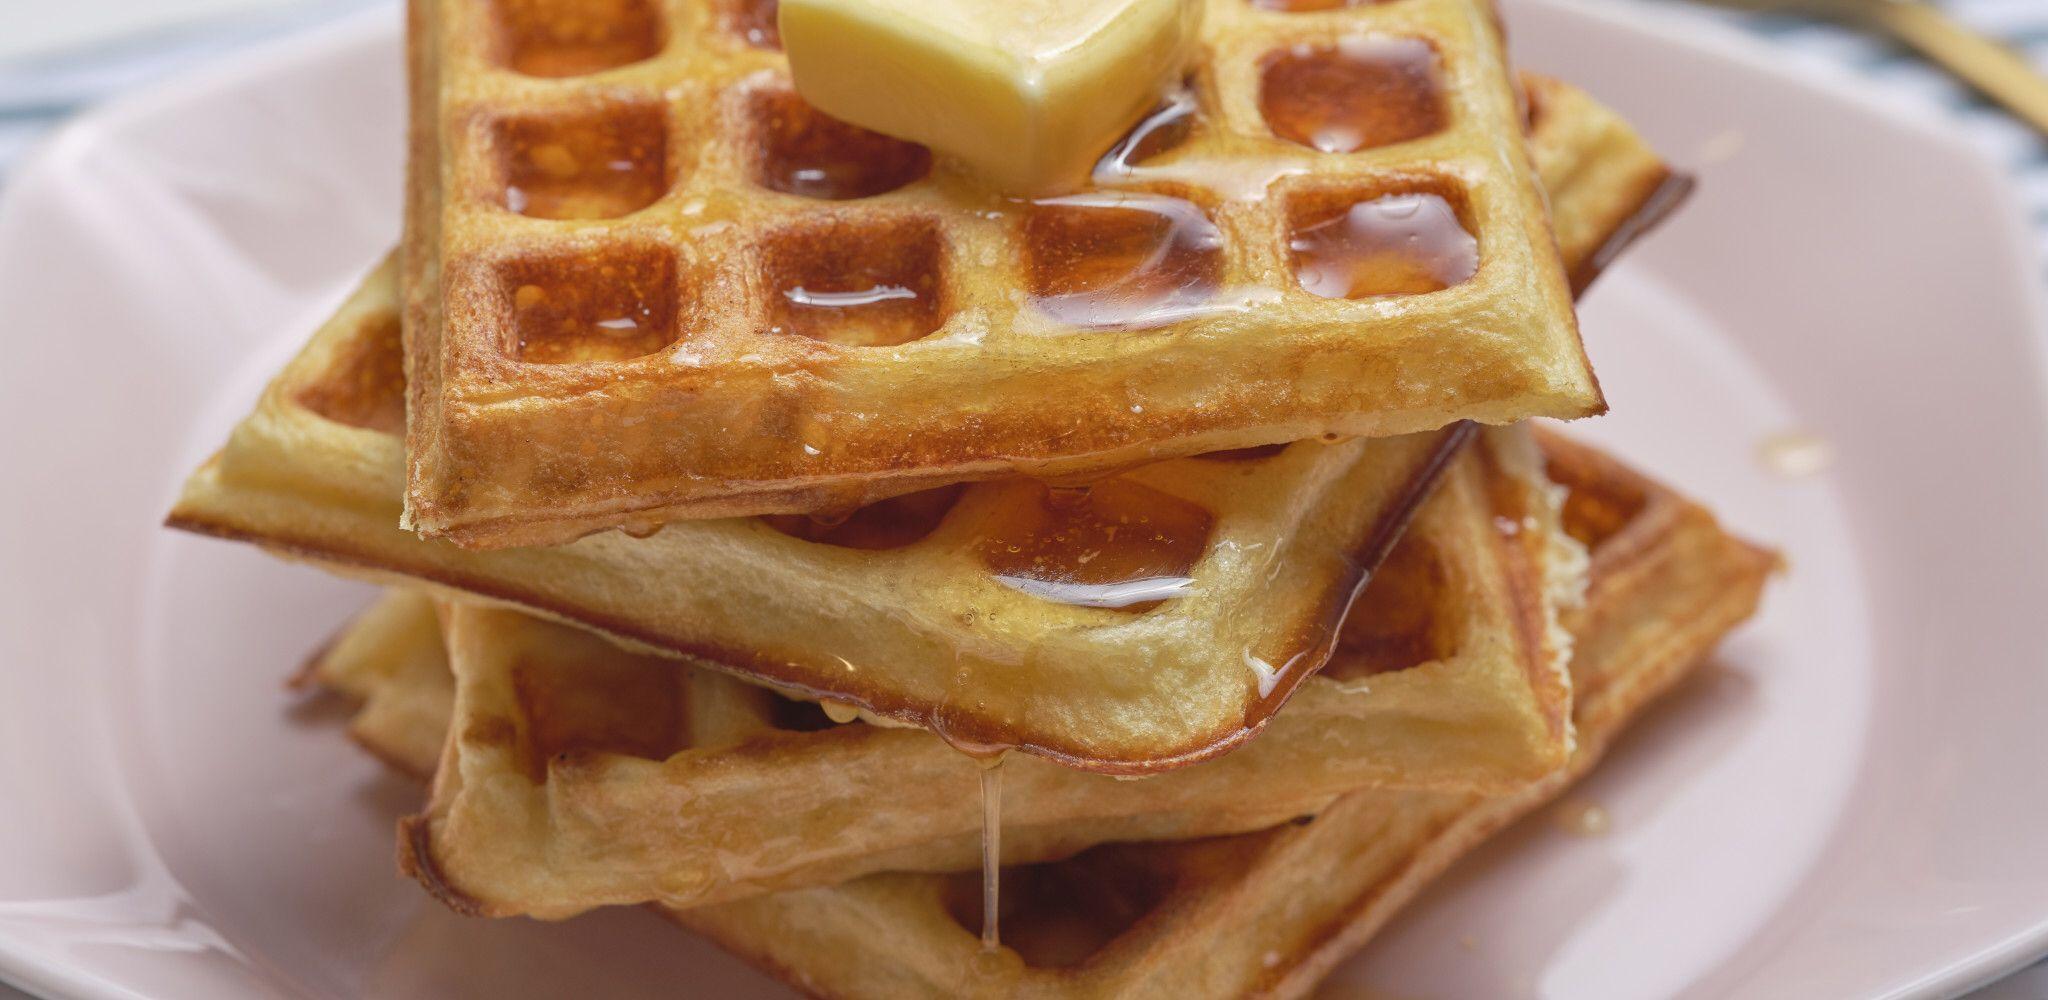 The Best Buttermilk Waffles Recipe In 2020 Buttermilk Waffles Tea Cakes Recipes Waffle Recipes